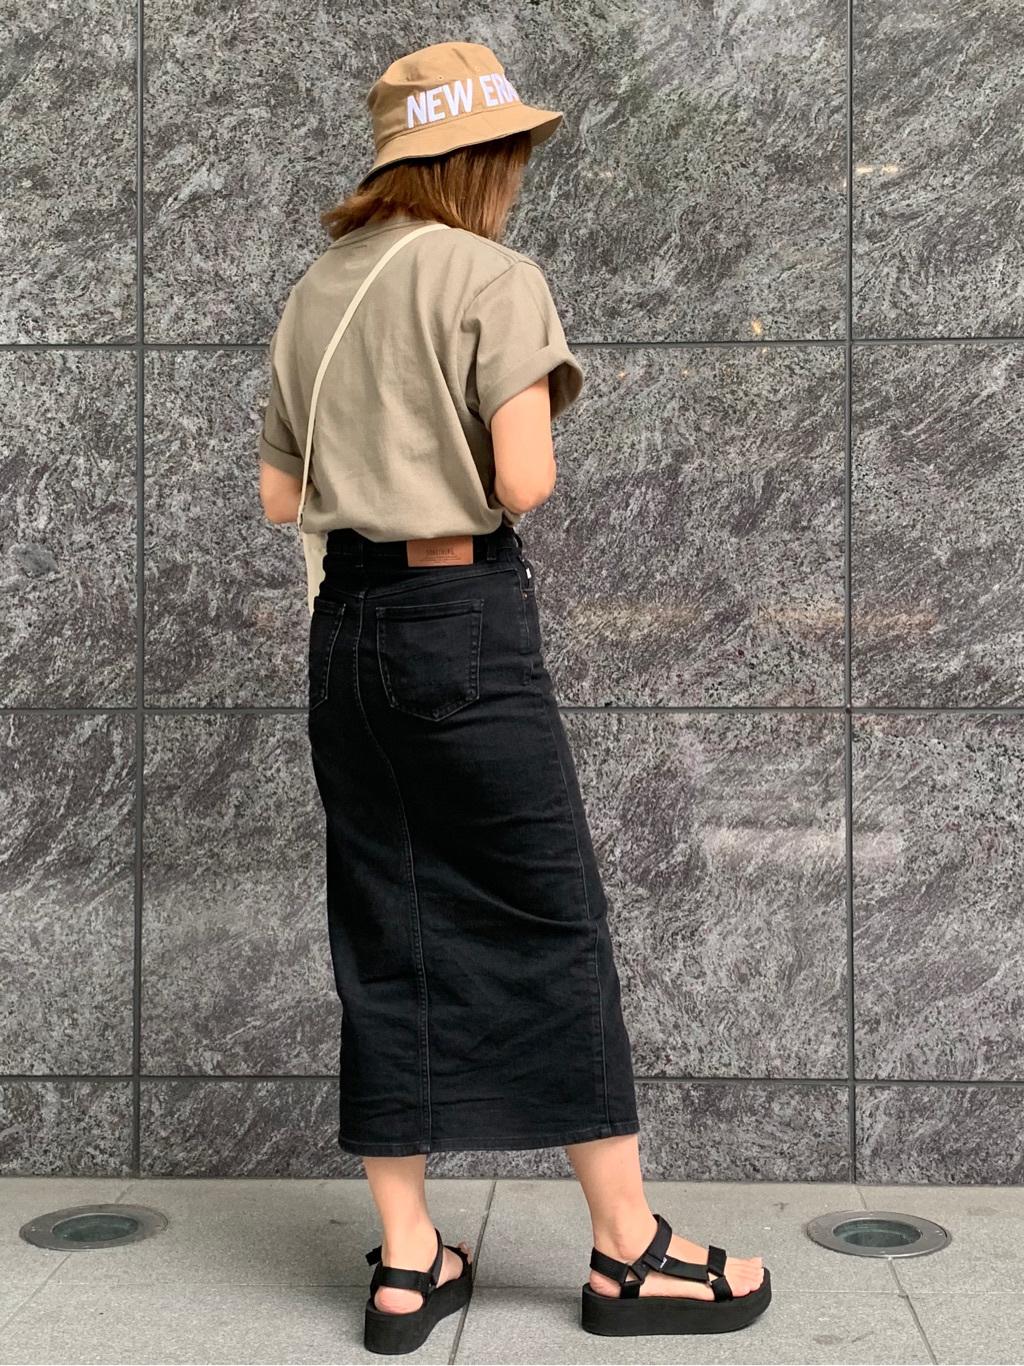 LINKS UMEDA店のYUKIさんのEDWINの【直営店限定】【親子コーデができる】クルーネックポケットTシャツ 半袖 【110-180cm】を使ったコーディネート